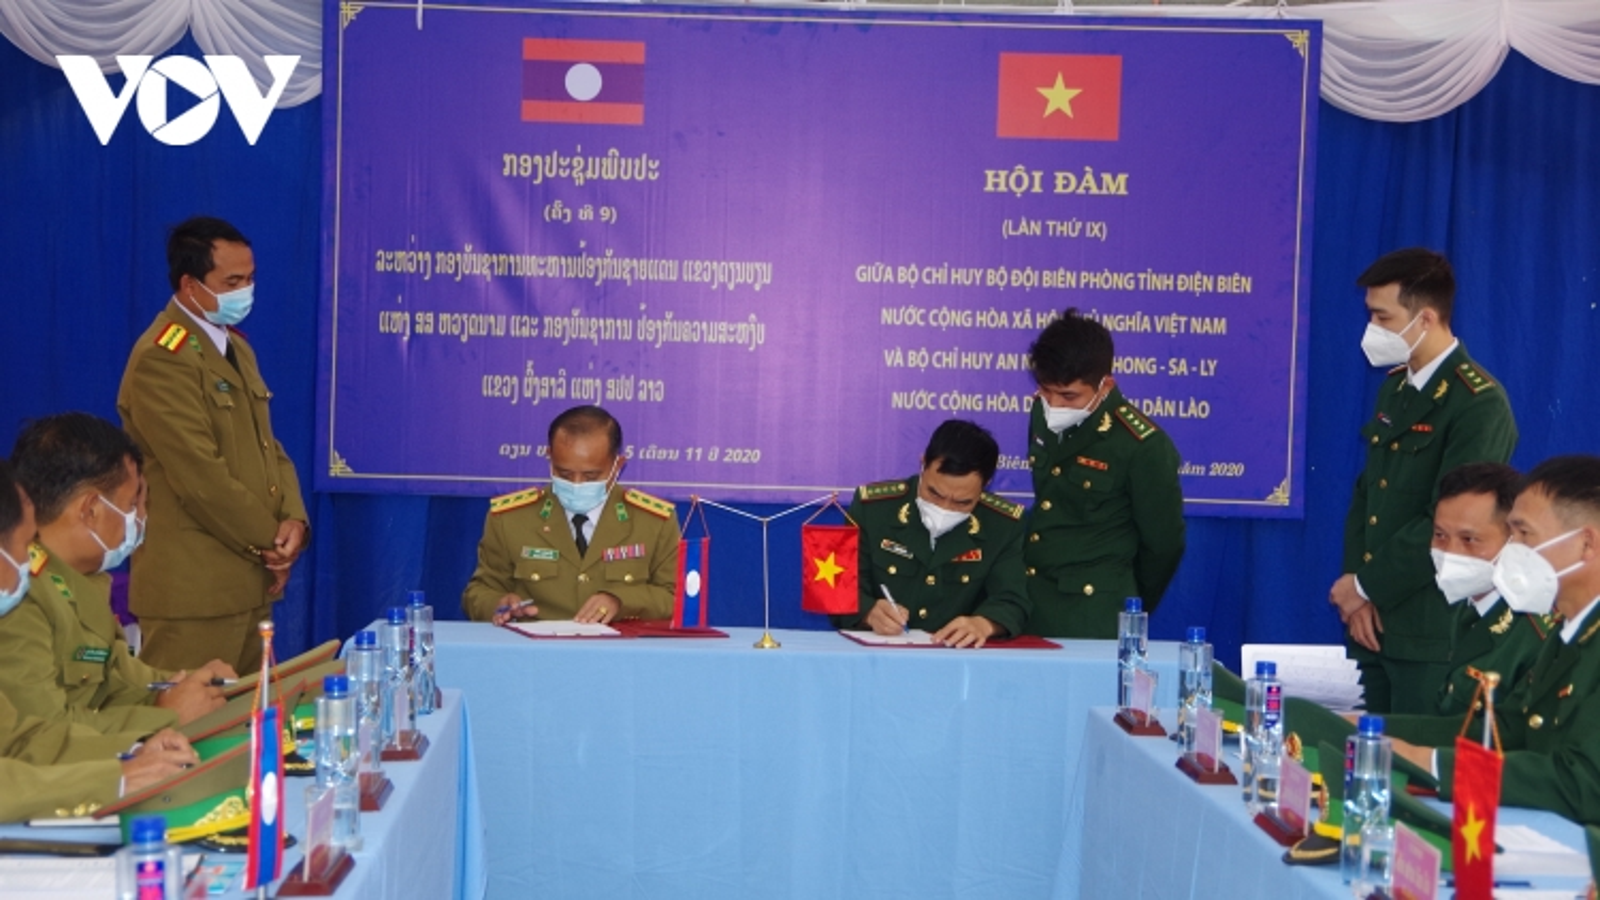 Bộ đội Biên phòng Điện Biên hội đàm với Bộ Chỉ huy An ninh tỉnh Phong Sa Ly của Lào